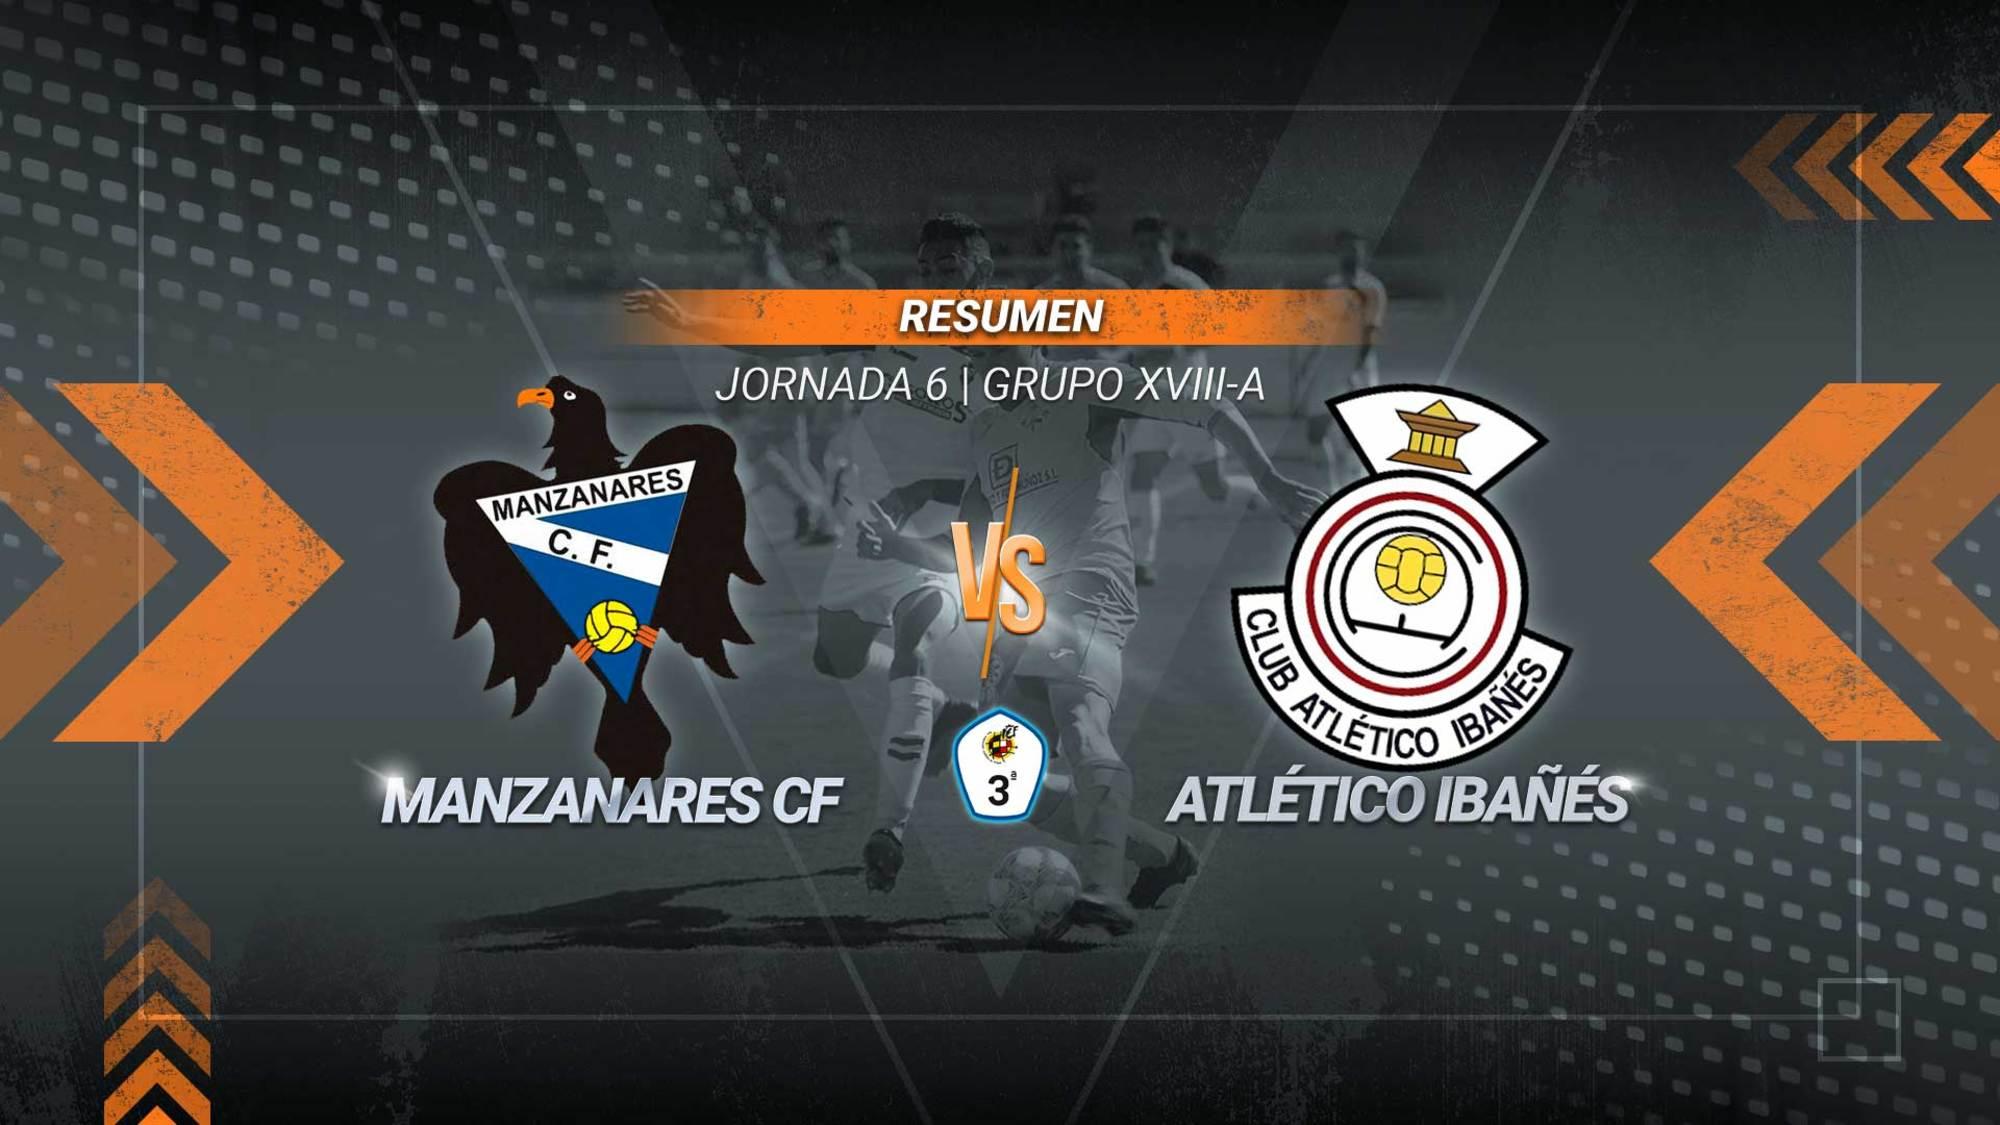 Primera victoria de la temporada para un Atlético Ibañés que se impuso a domicilio al Manzanares con dos goles de Marcos y uno de Joaquín.